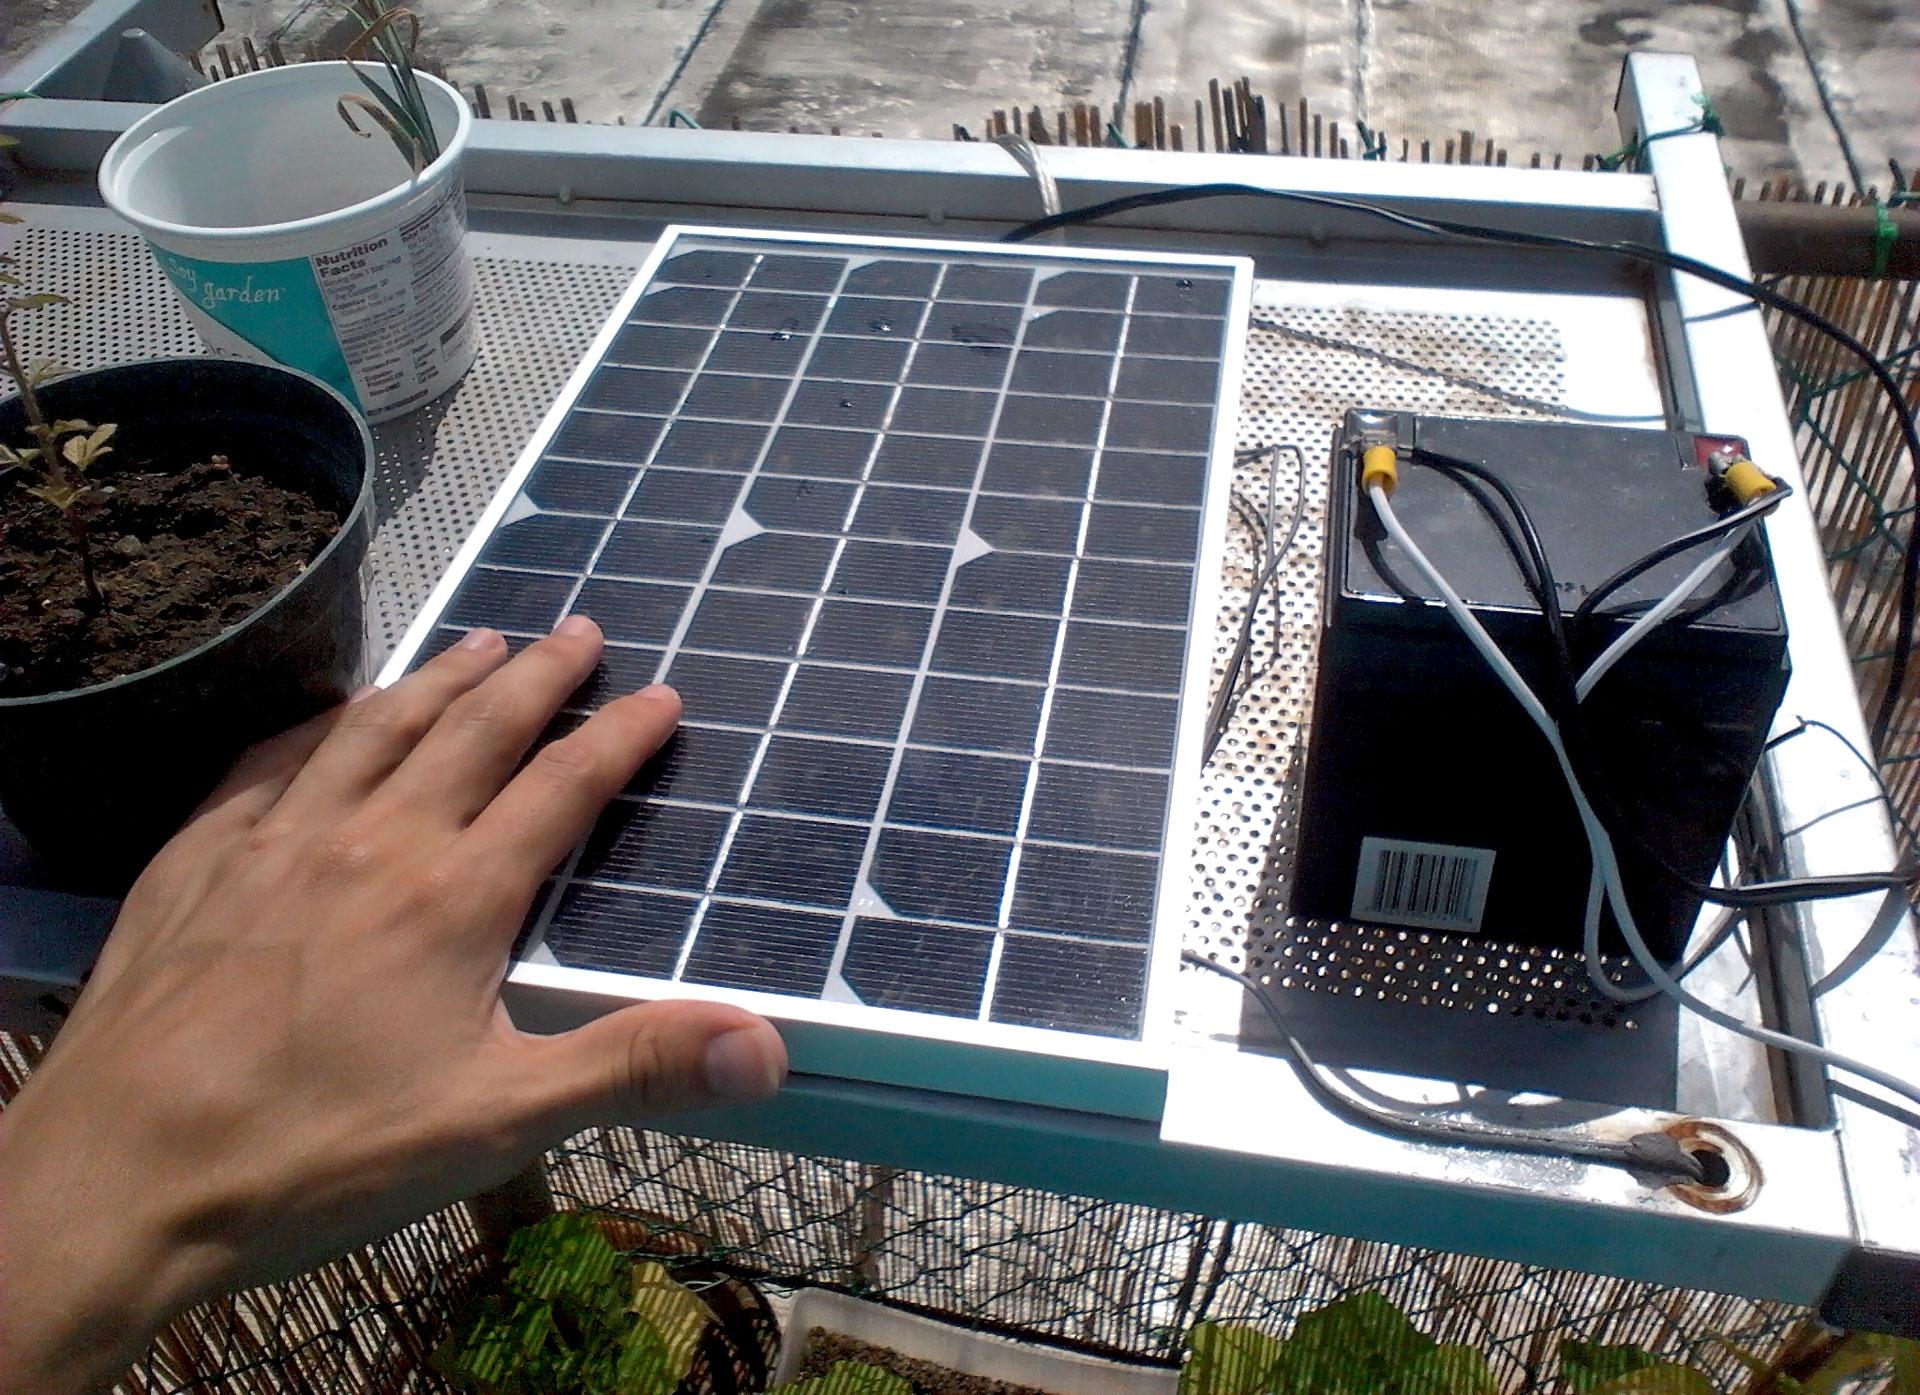 Panel solar pequeño y batería de 12 V.